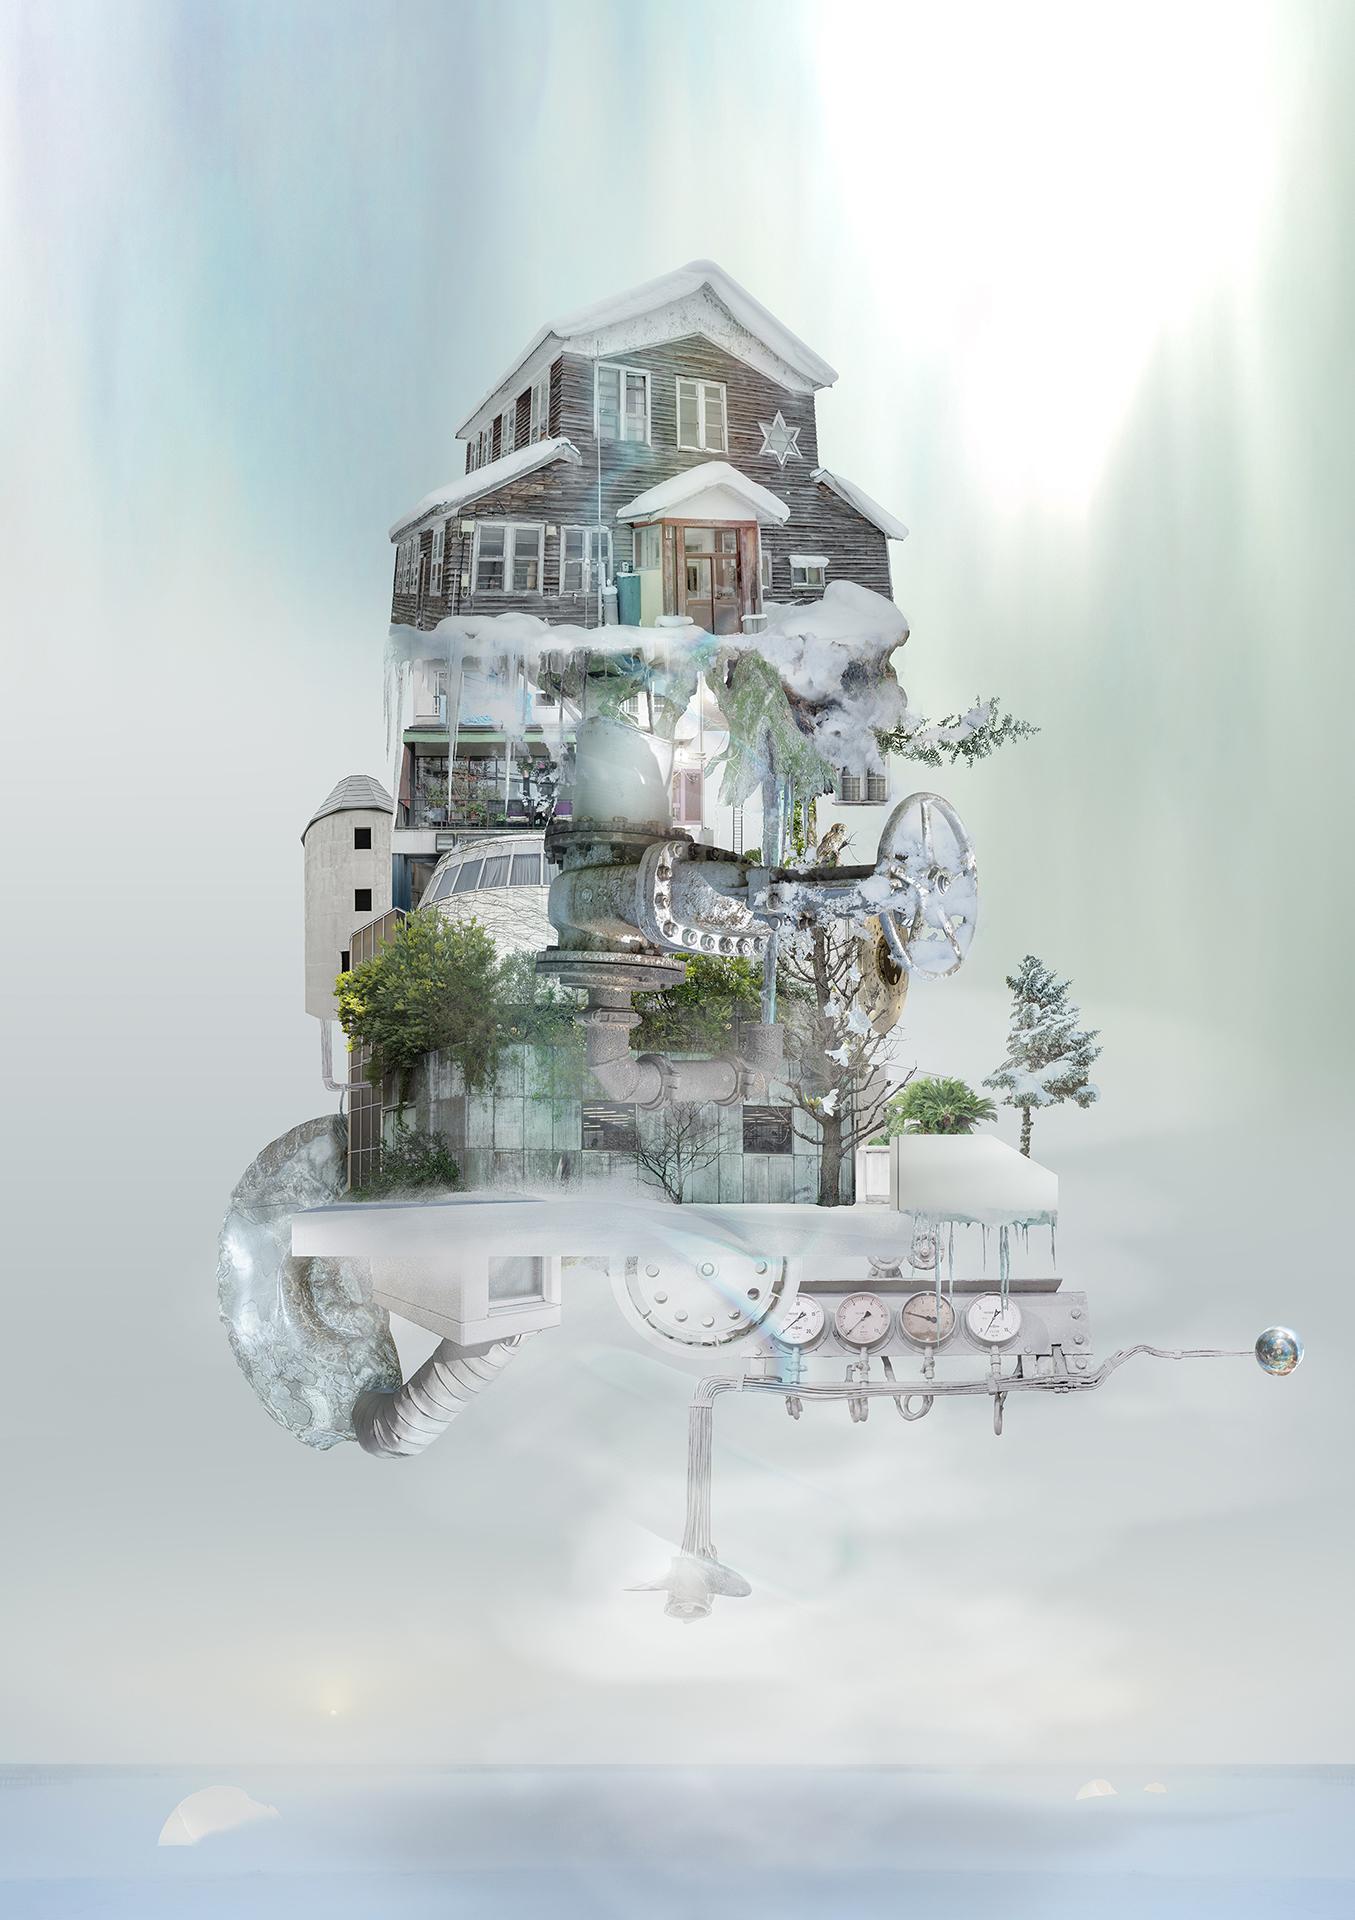 Utopia / Nostalgia by Erika Kusumi